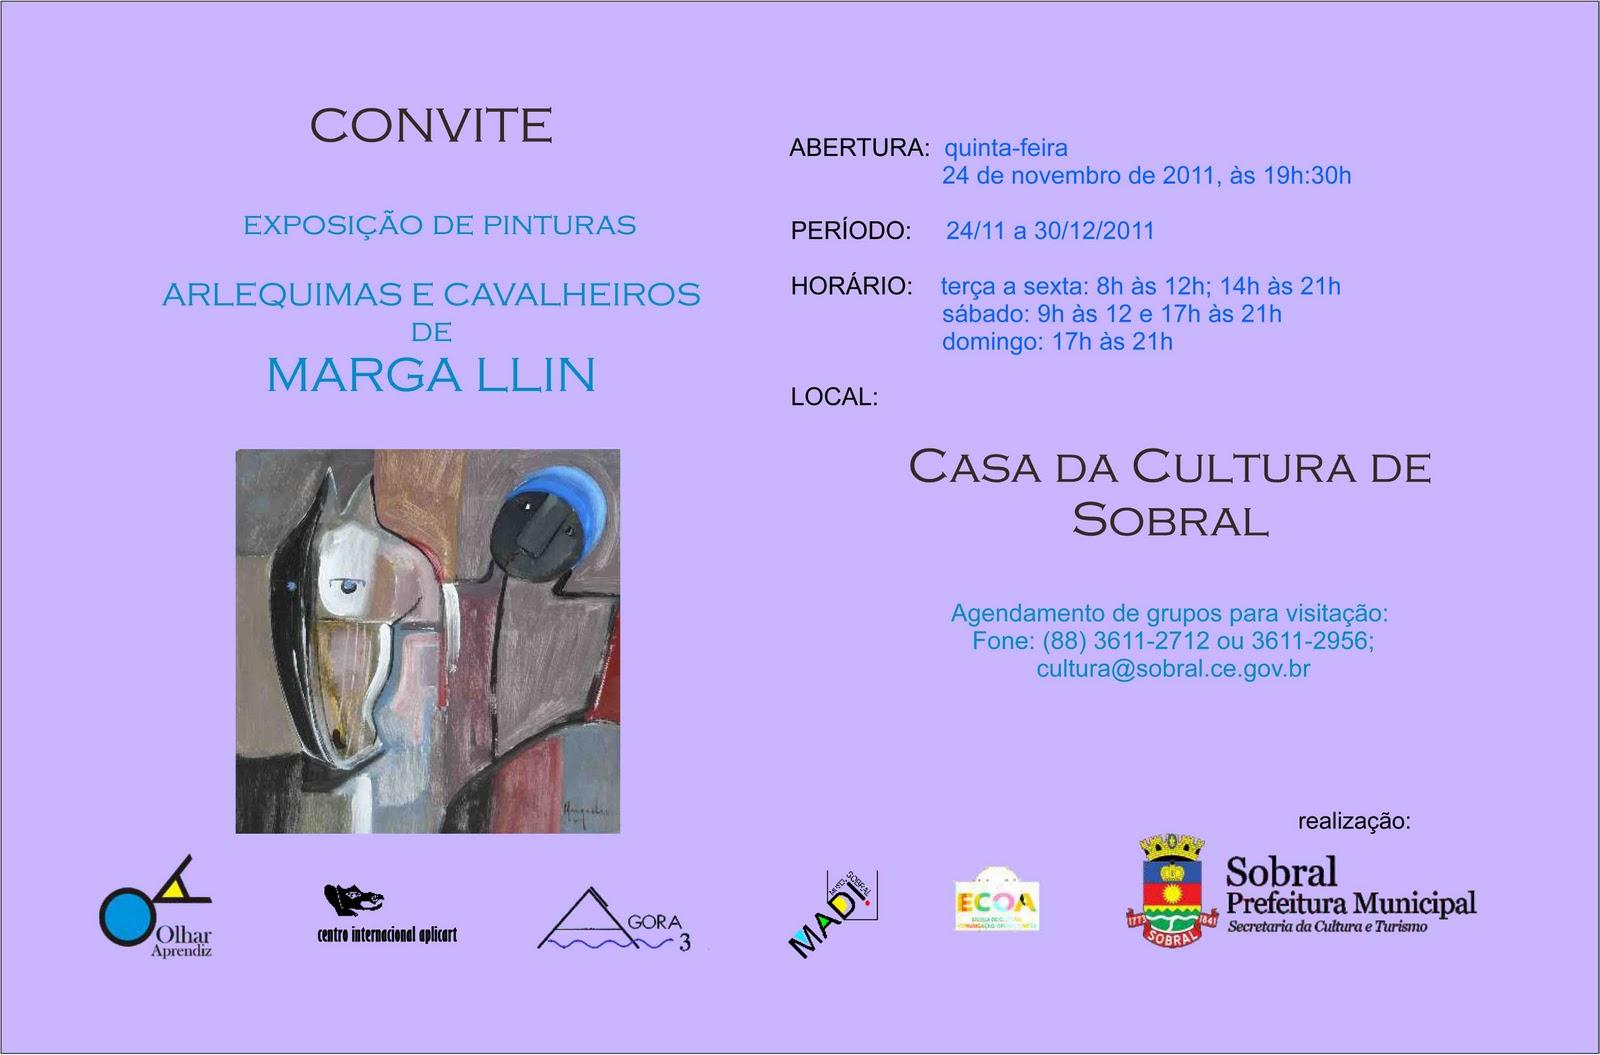 http://3.bp.blogspot.com/-BCIu6EOgQig/TszqoNzcd_I/AAAAAAAAAKY/XCRwa8V_8II/s1600/convite+marga+llin_b-1.jpg